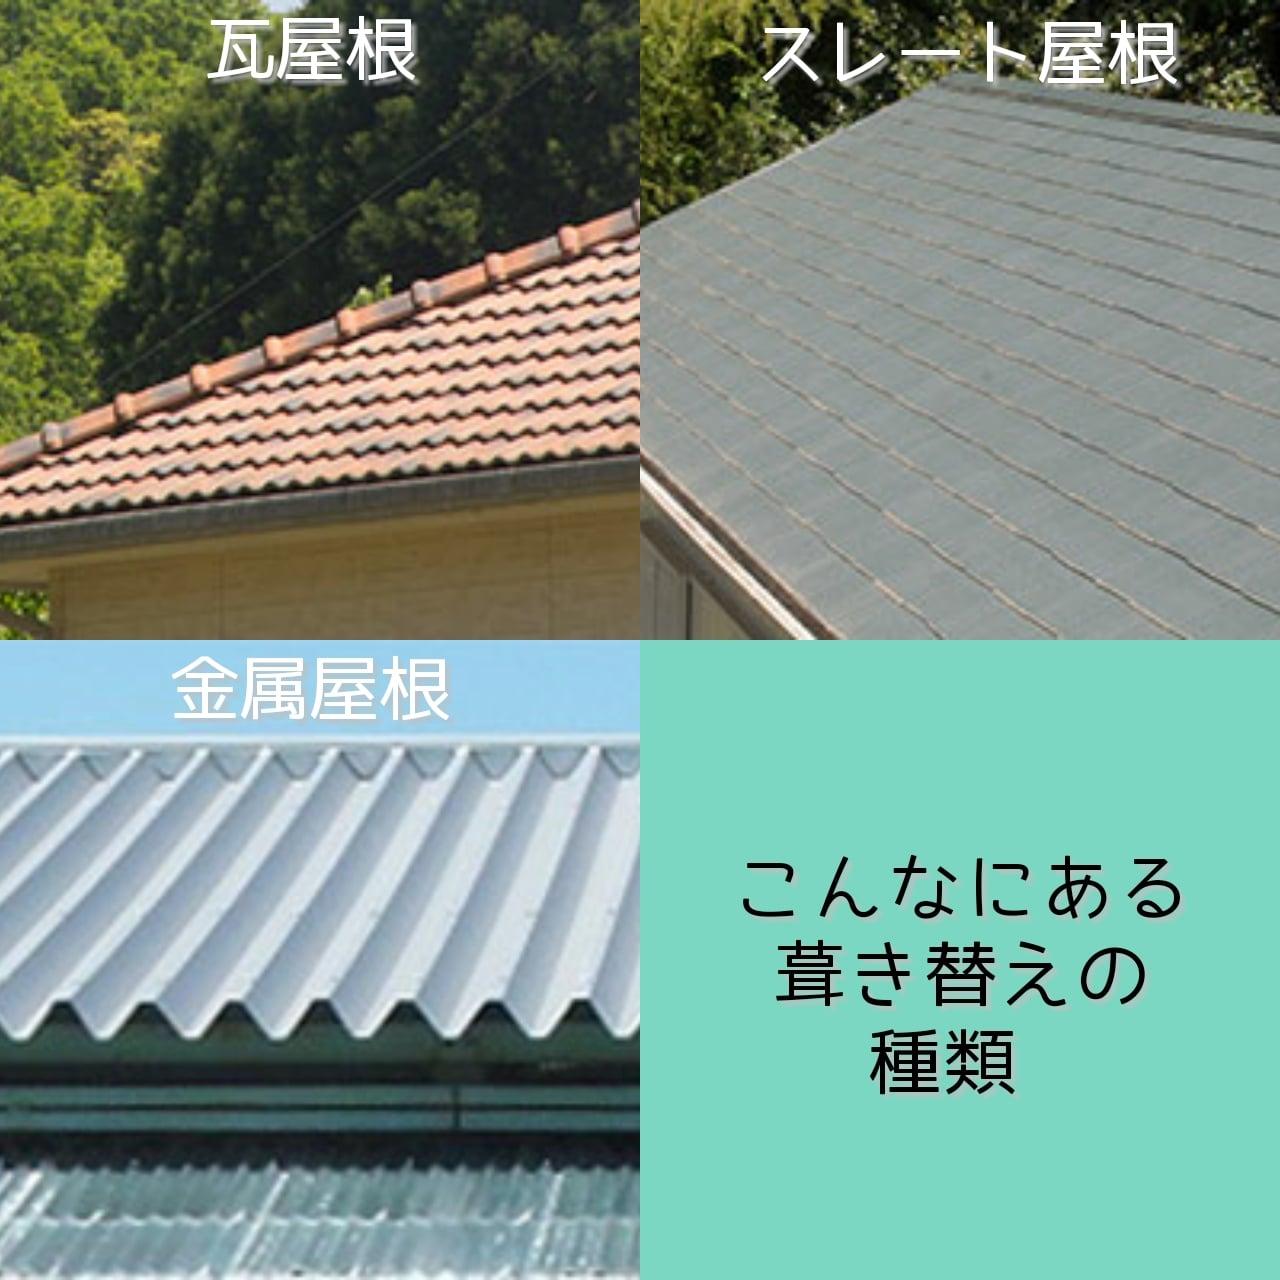 屋根シリコン塗装70平米[現地一括払い]足場代は含んでいませんのイメージその2